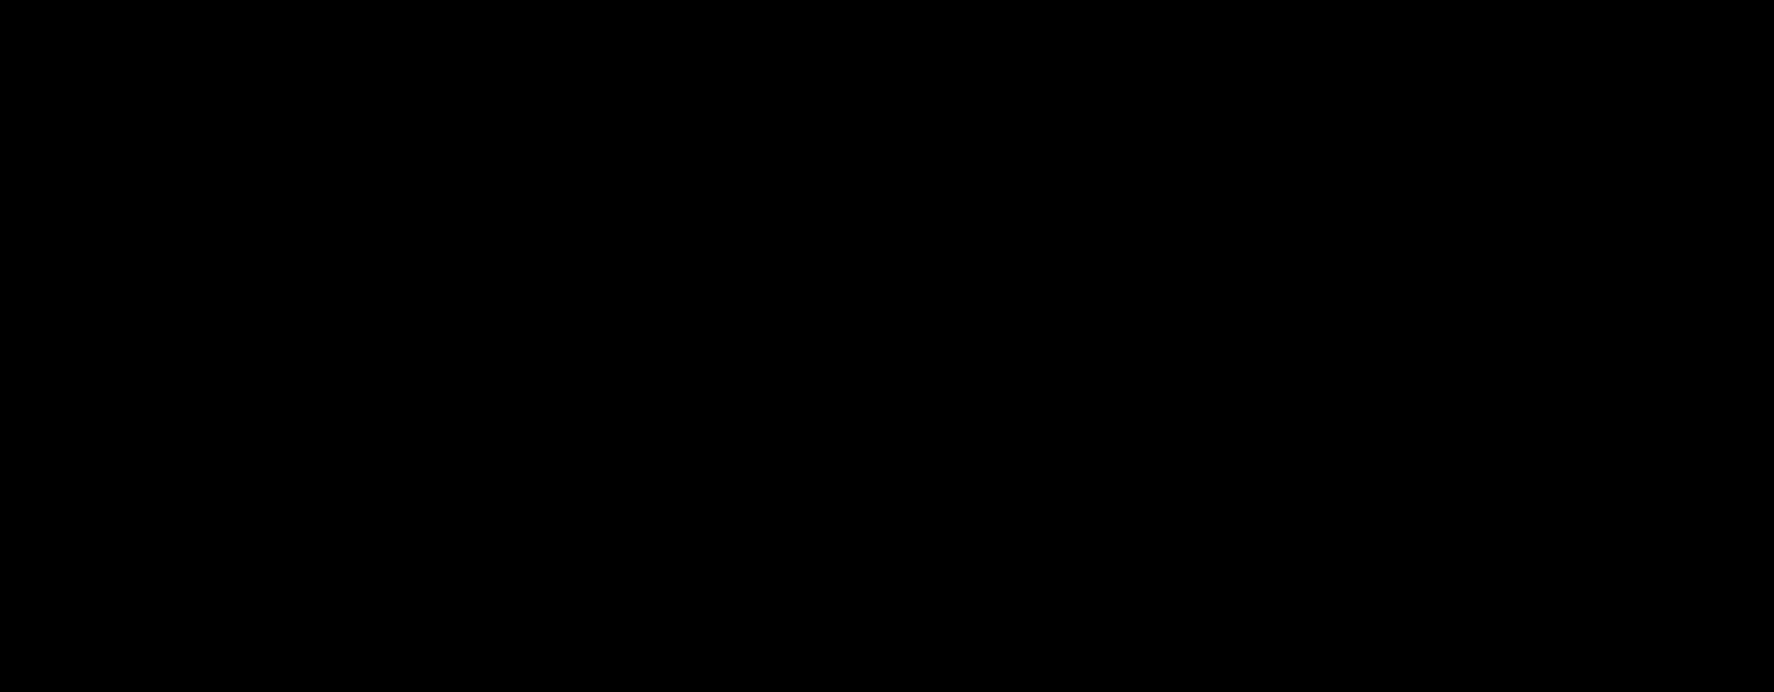 4-β-D-Glucopyranosyl ferulic acid